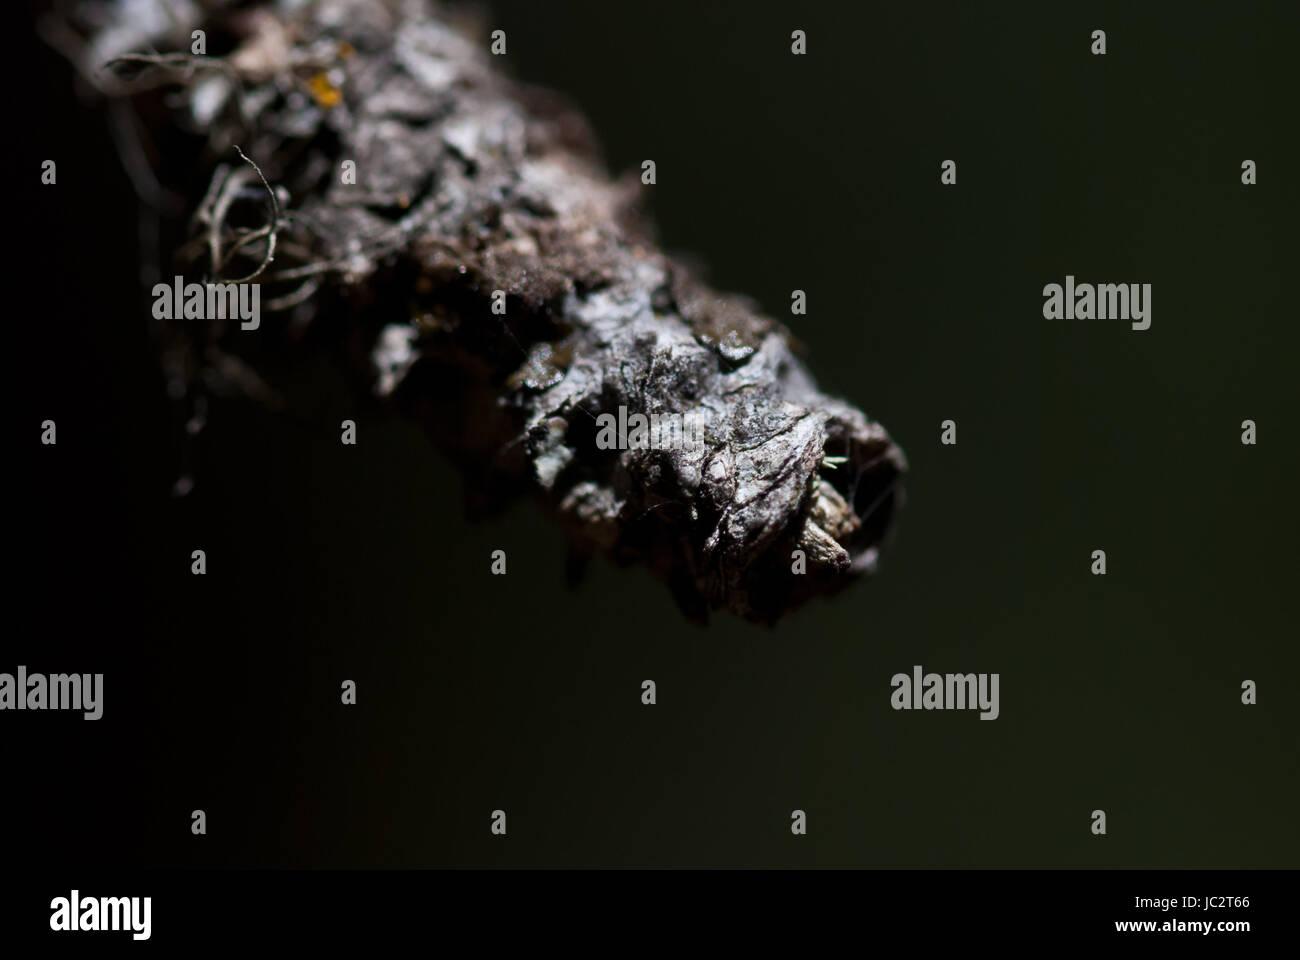 Nature's Abstract - Pointe de branche morte déchiqueté Photo Stock